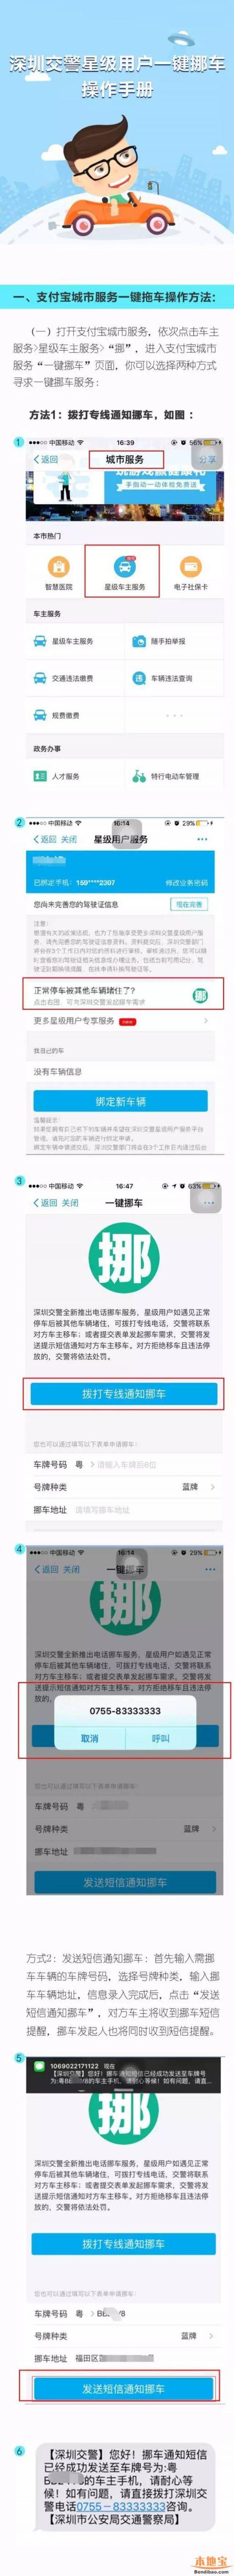 深圳交警星级用户一键挪车详细指南